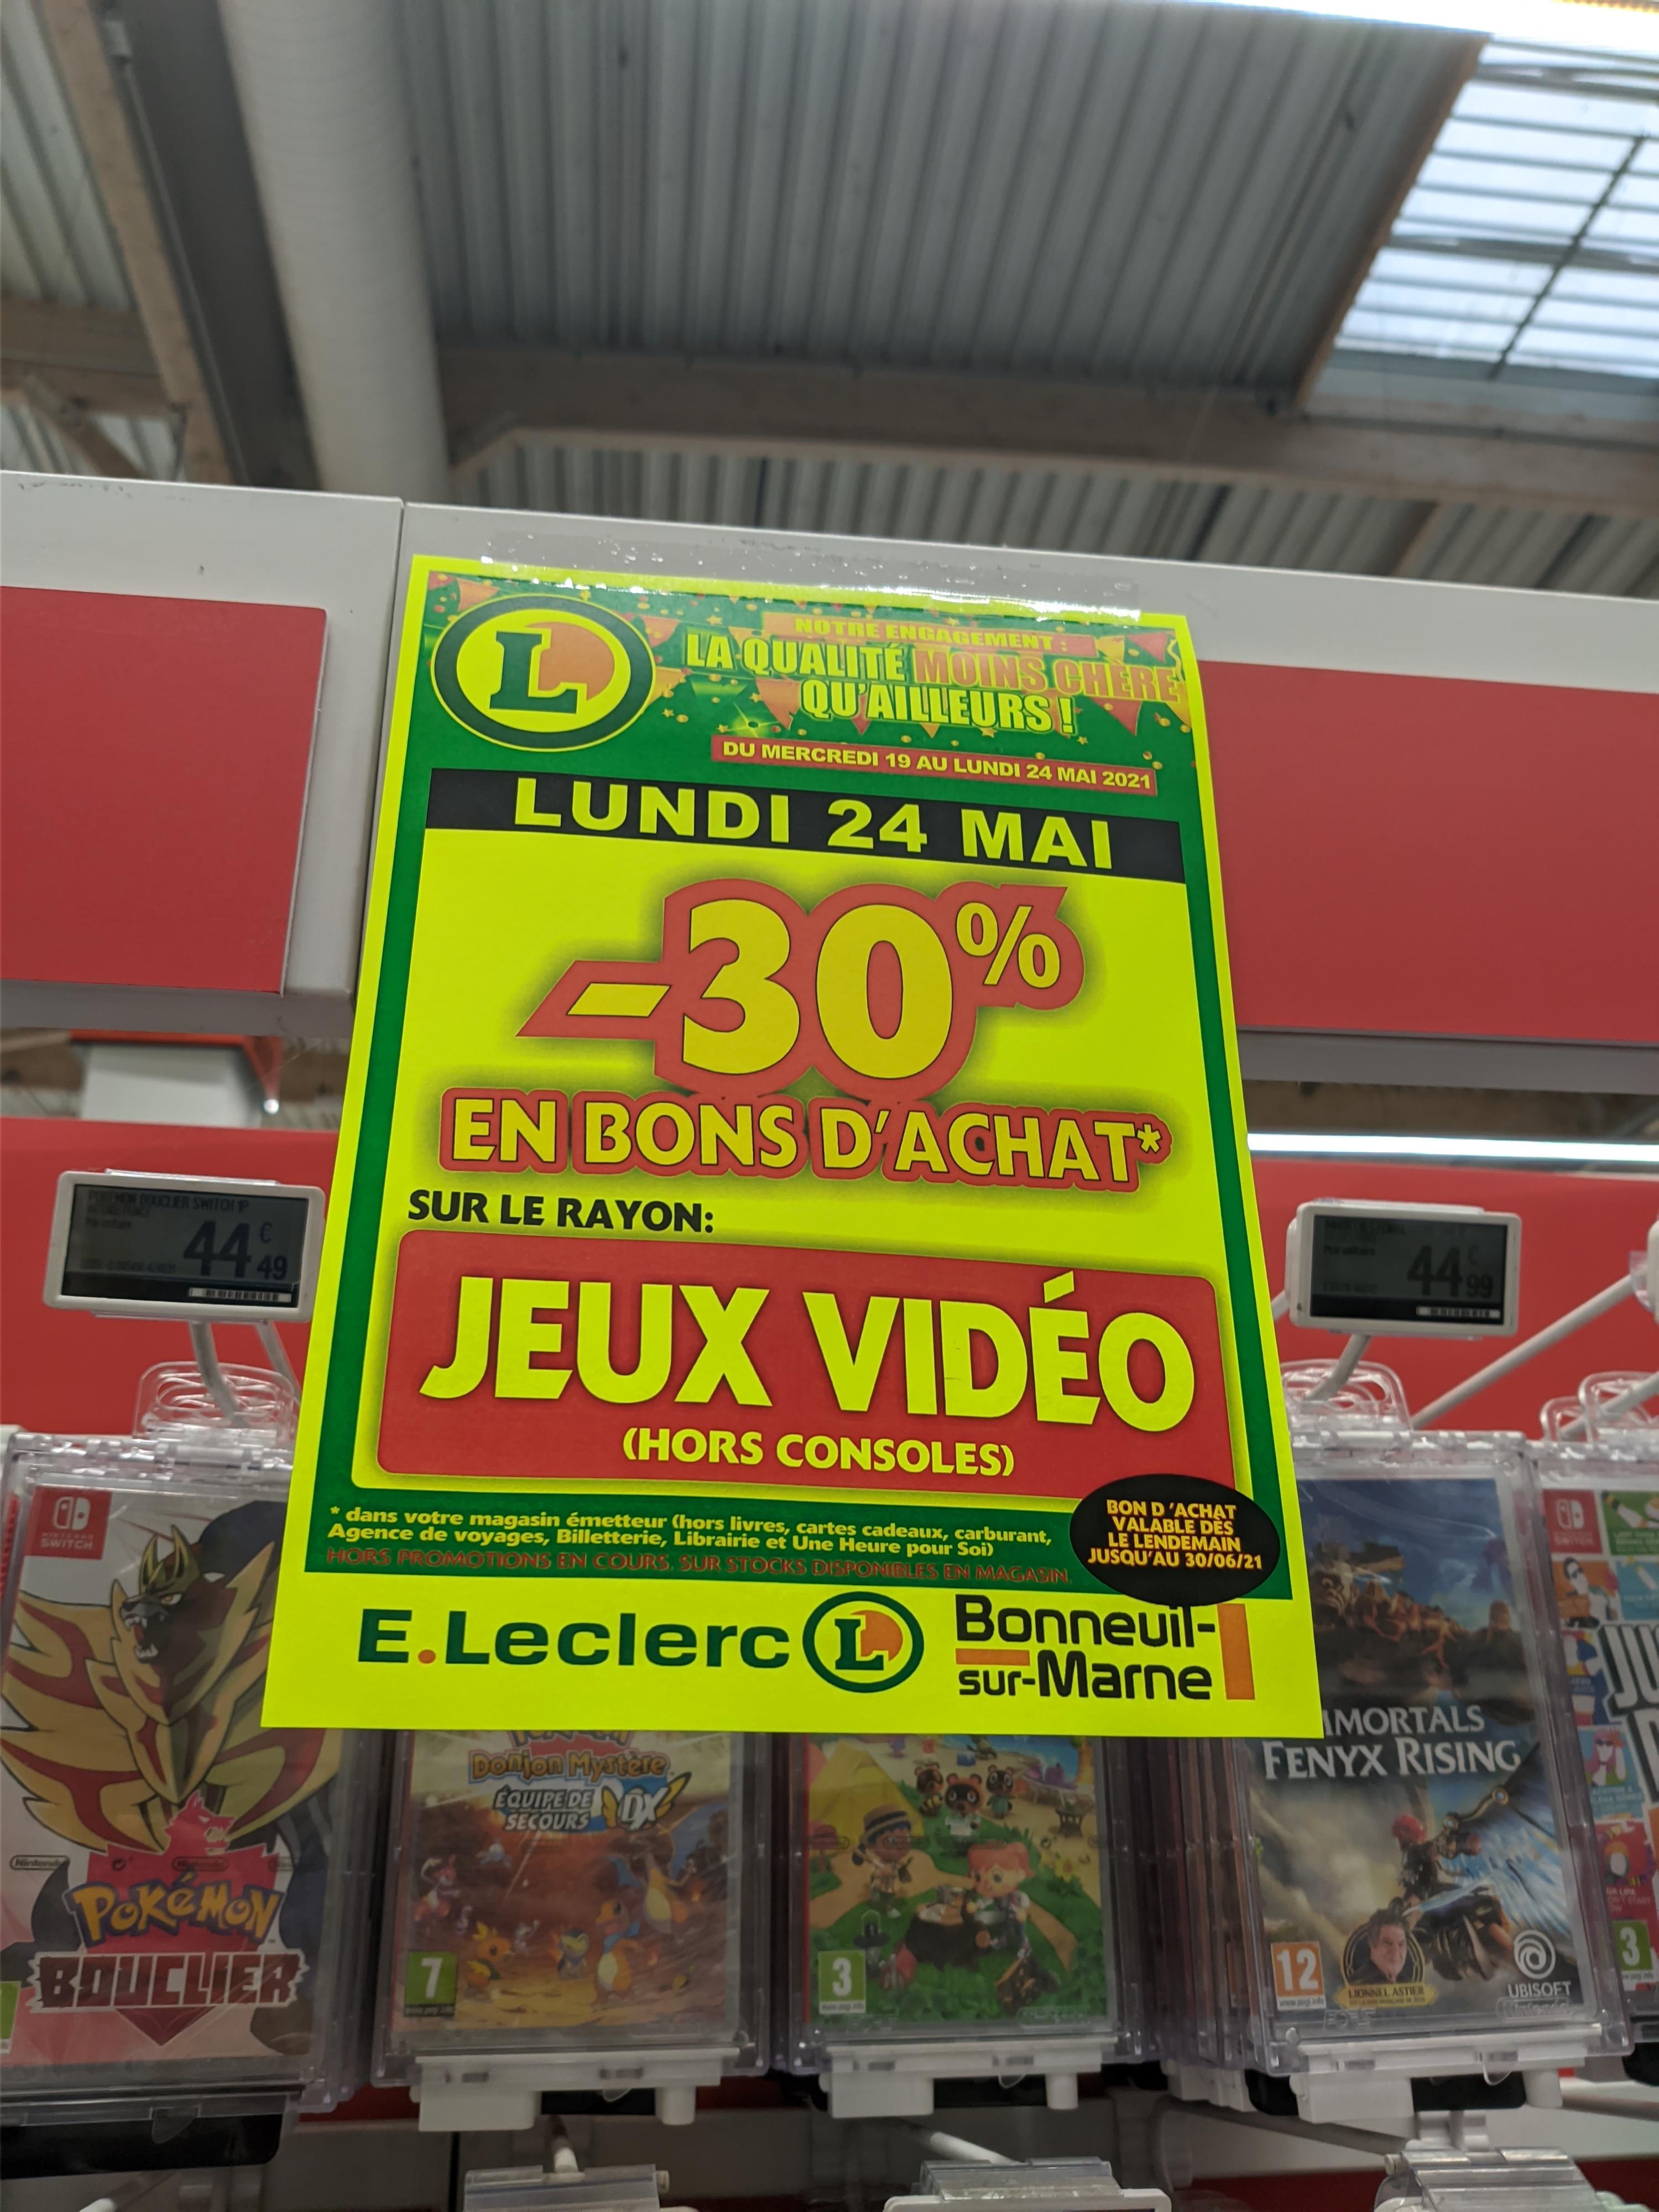 30% offerts en bons d'achat sur le rayon Jeux Vidéo (Hors console & promotions) - Bonneuil-sur-Marne (94)